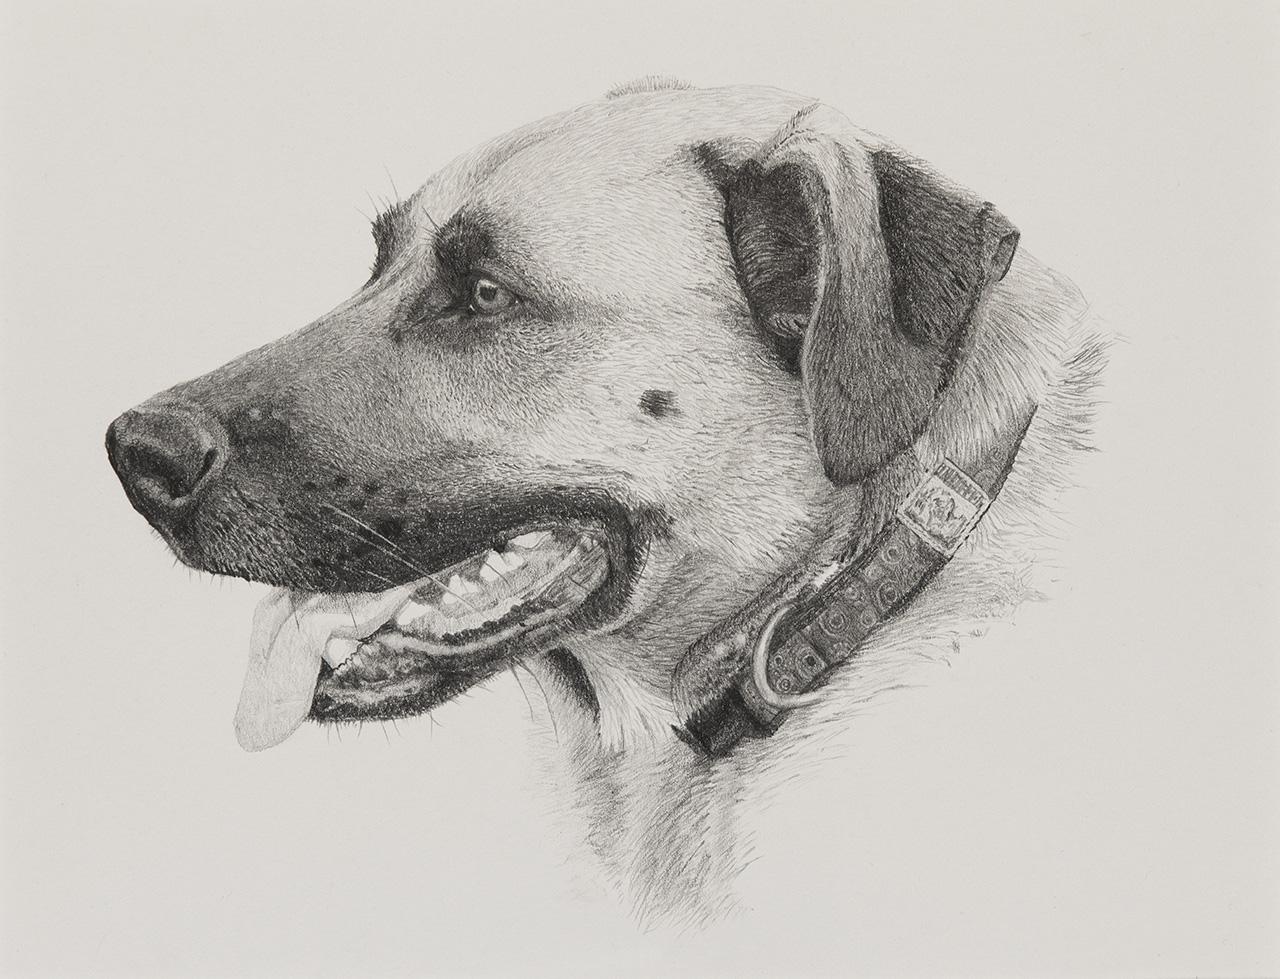 Elwood Dog Illustration by Harv Craven